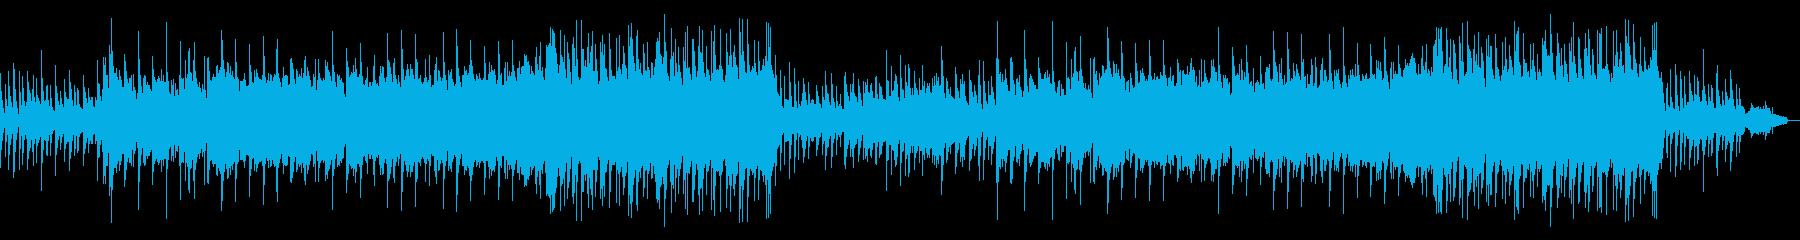 繊細で力強いピアノメインの曲の再生済みの波形